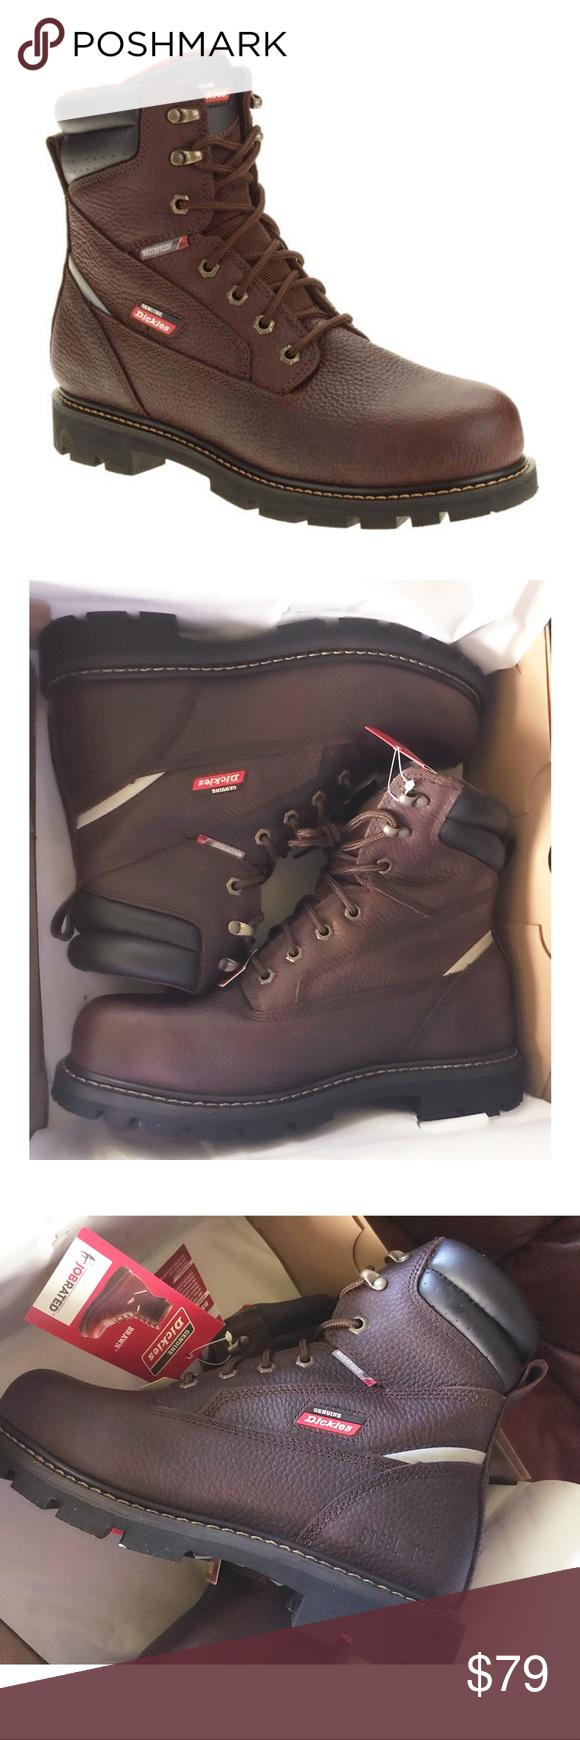 01efb2a9b29 Genuine Dickies Waterproof Job Rated Work Boots Genuine Dickies ...